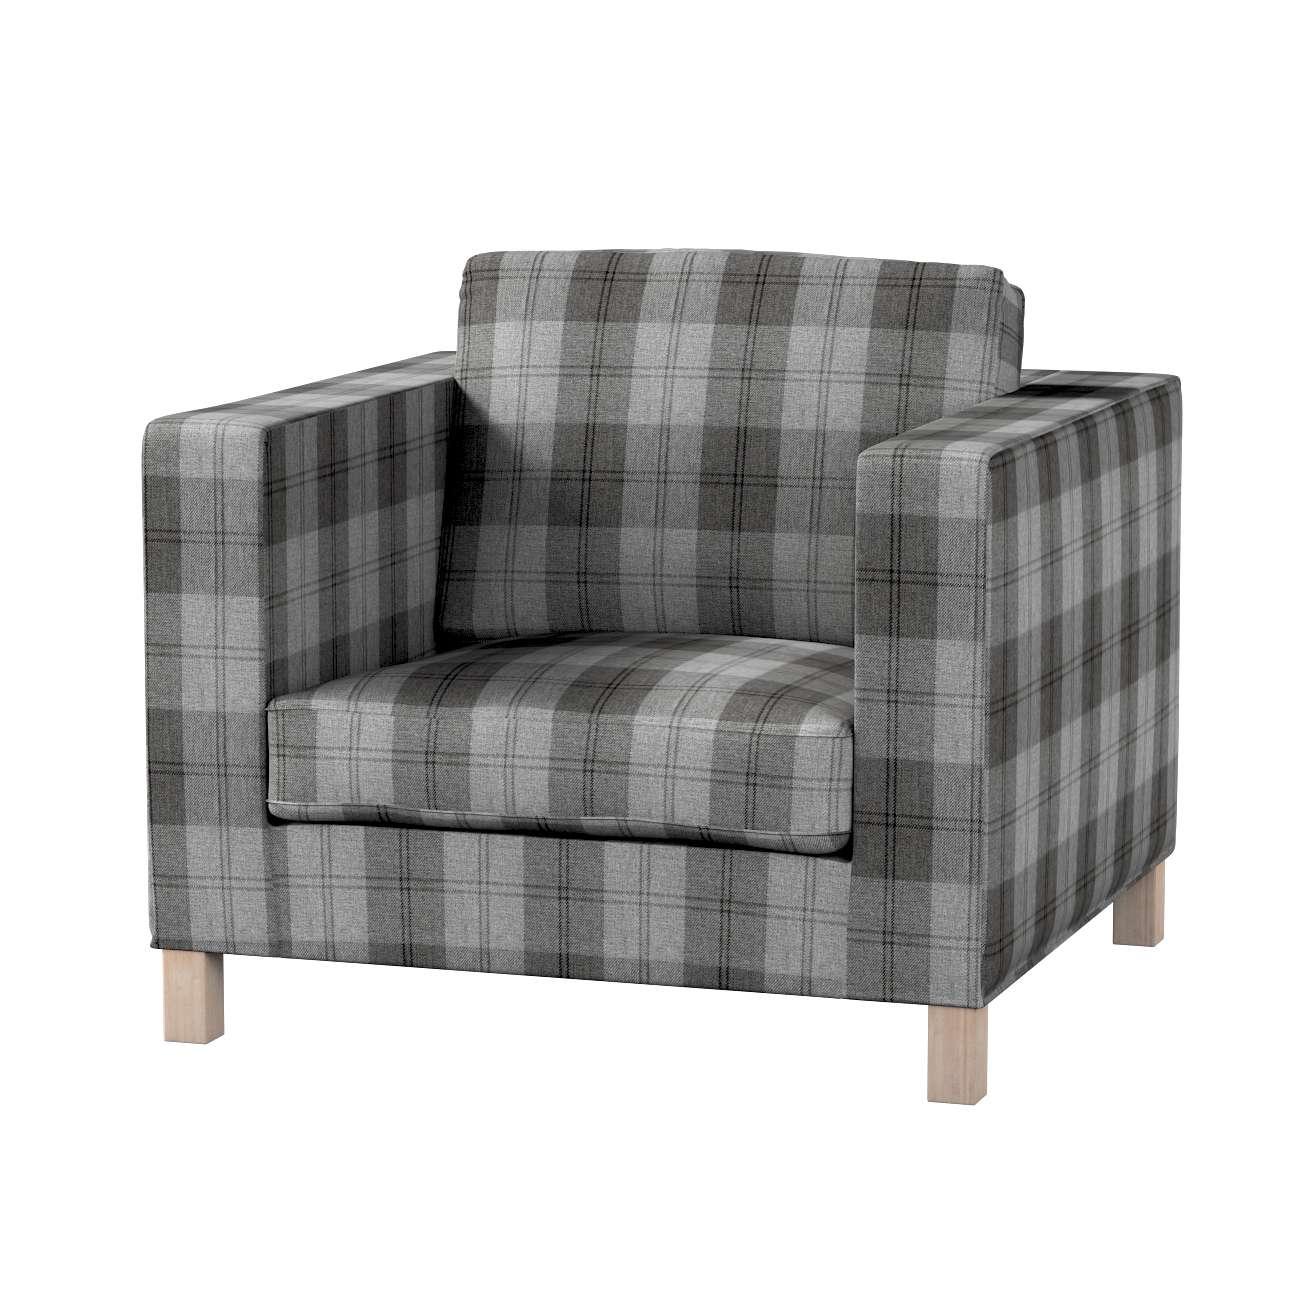 Karlanda päällinen nojatuoli, lyhyt mallistosta Edinburgh, Kangas: 115-75